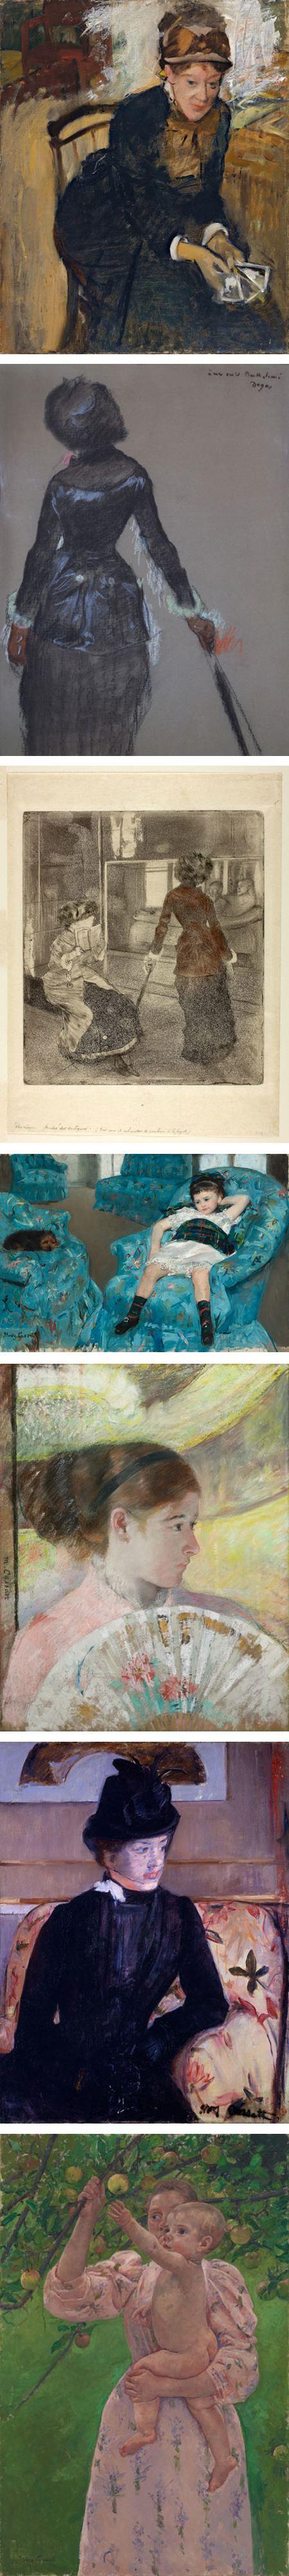 Edgar Degas, mary Cassatt